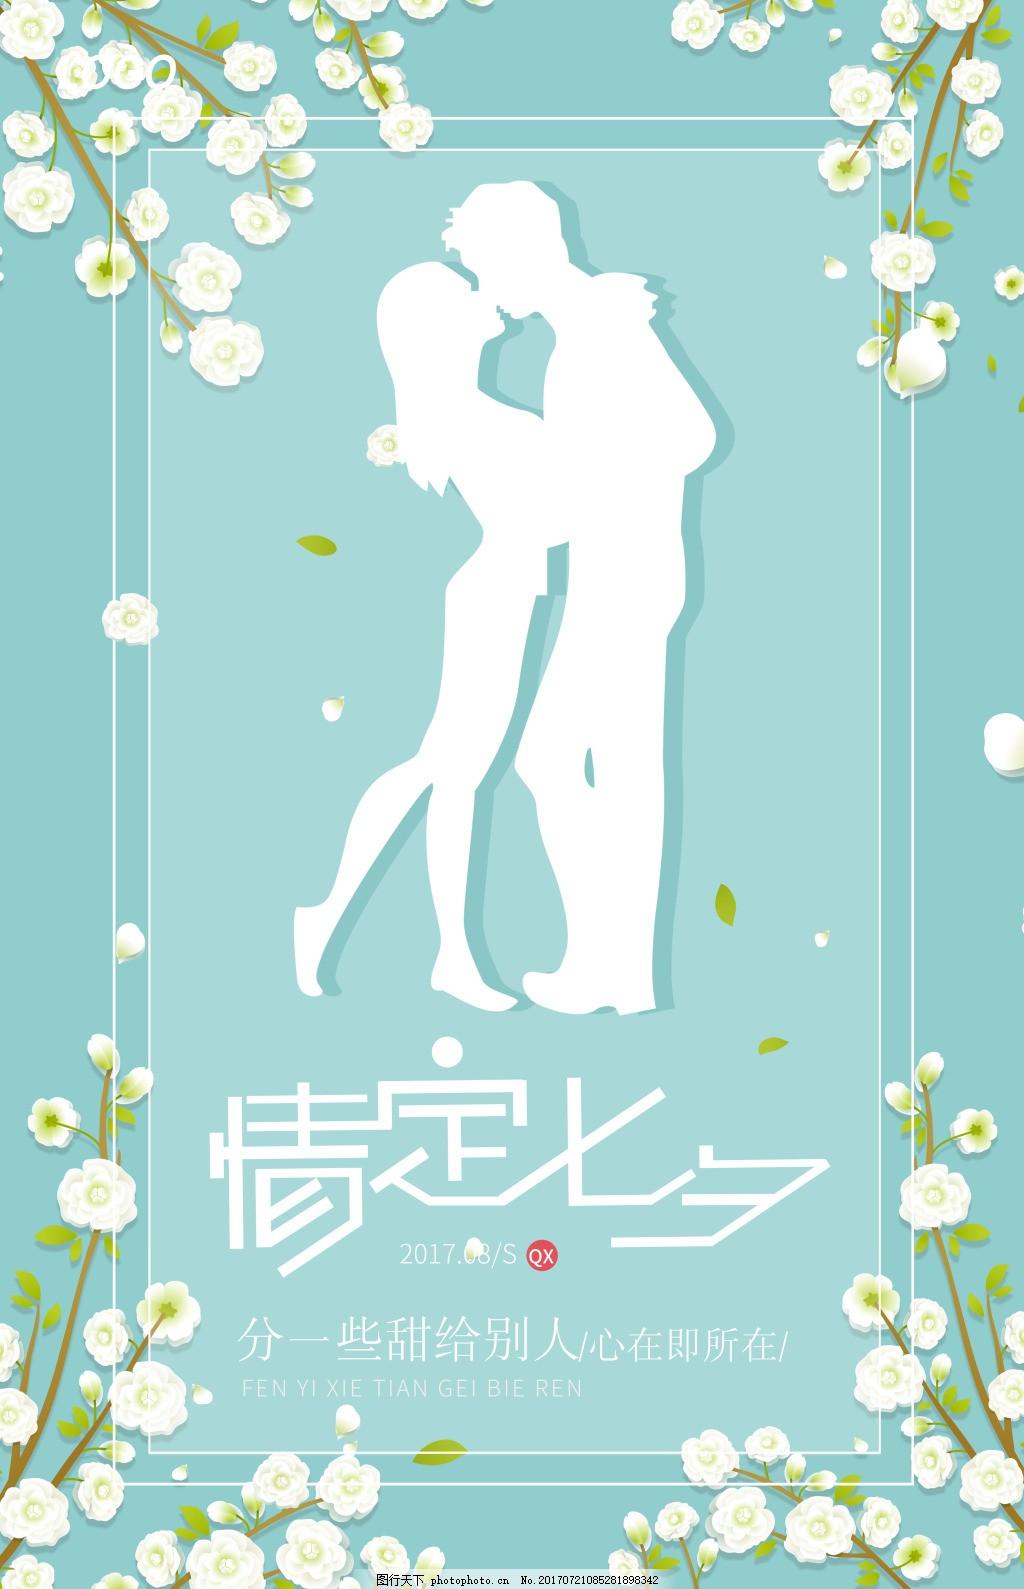 小清新情人节海报模板免费下载 七夕 七夕节 七夕情人节海报 七夕节海报